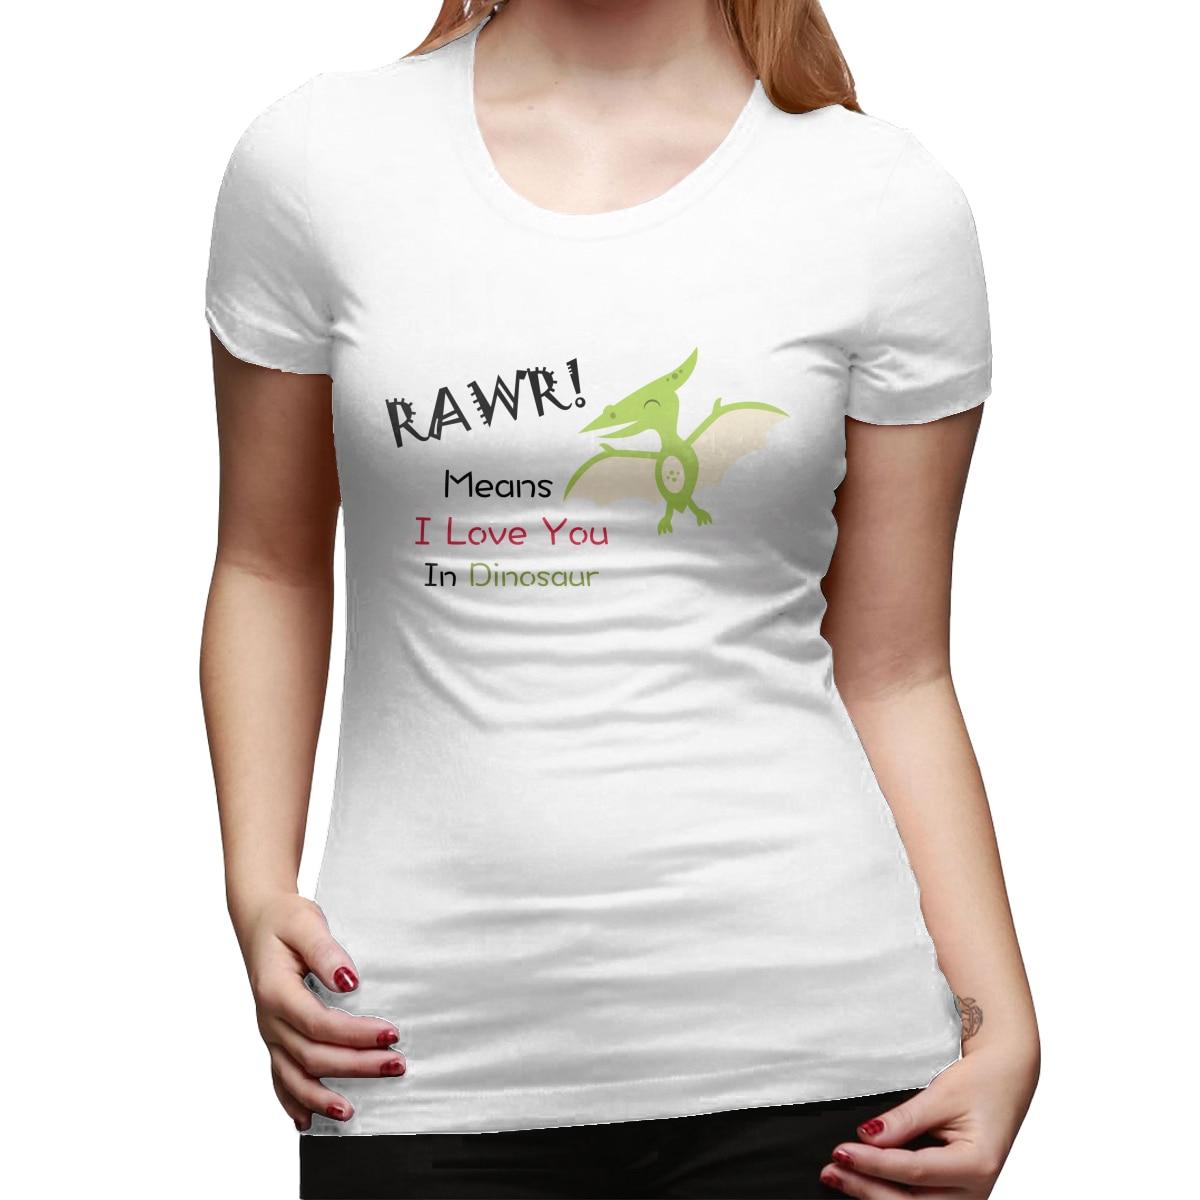 Футболка женская ТВ шоу вонючий RAWR означает, что я люблю тебя в динозавре, кошка, футболка с принтом Девушка и женщина Топ тройник друзья